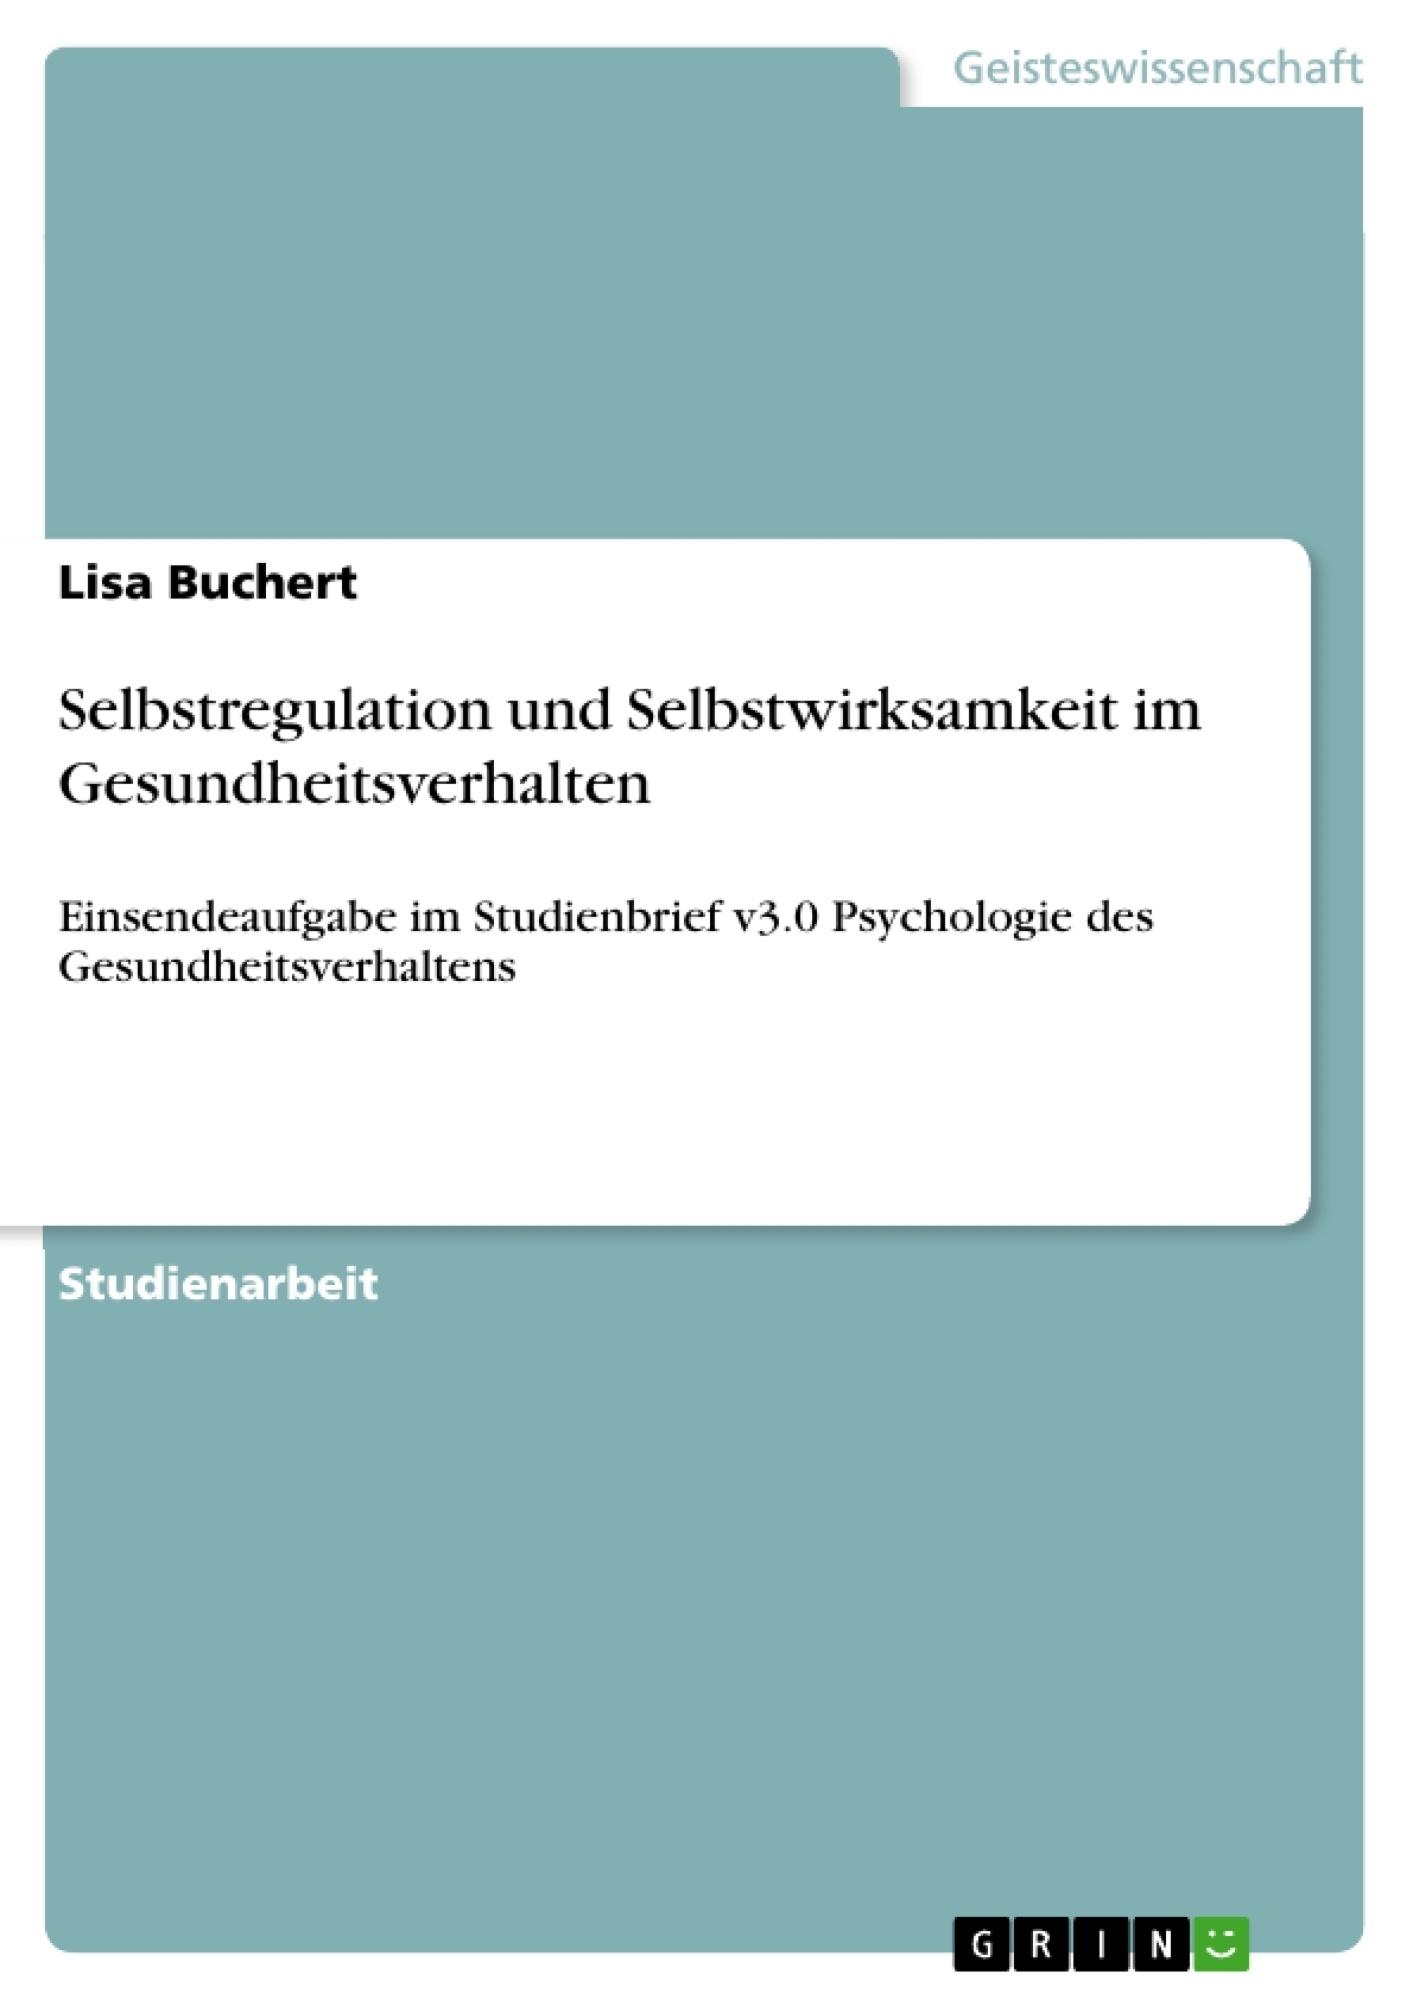 Titel: Selbstregulation und Selbstwirksamkeit im Gesundheitsverhalten